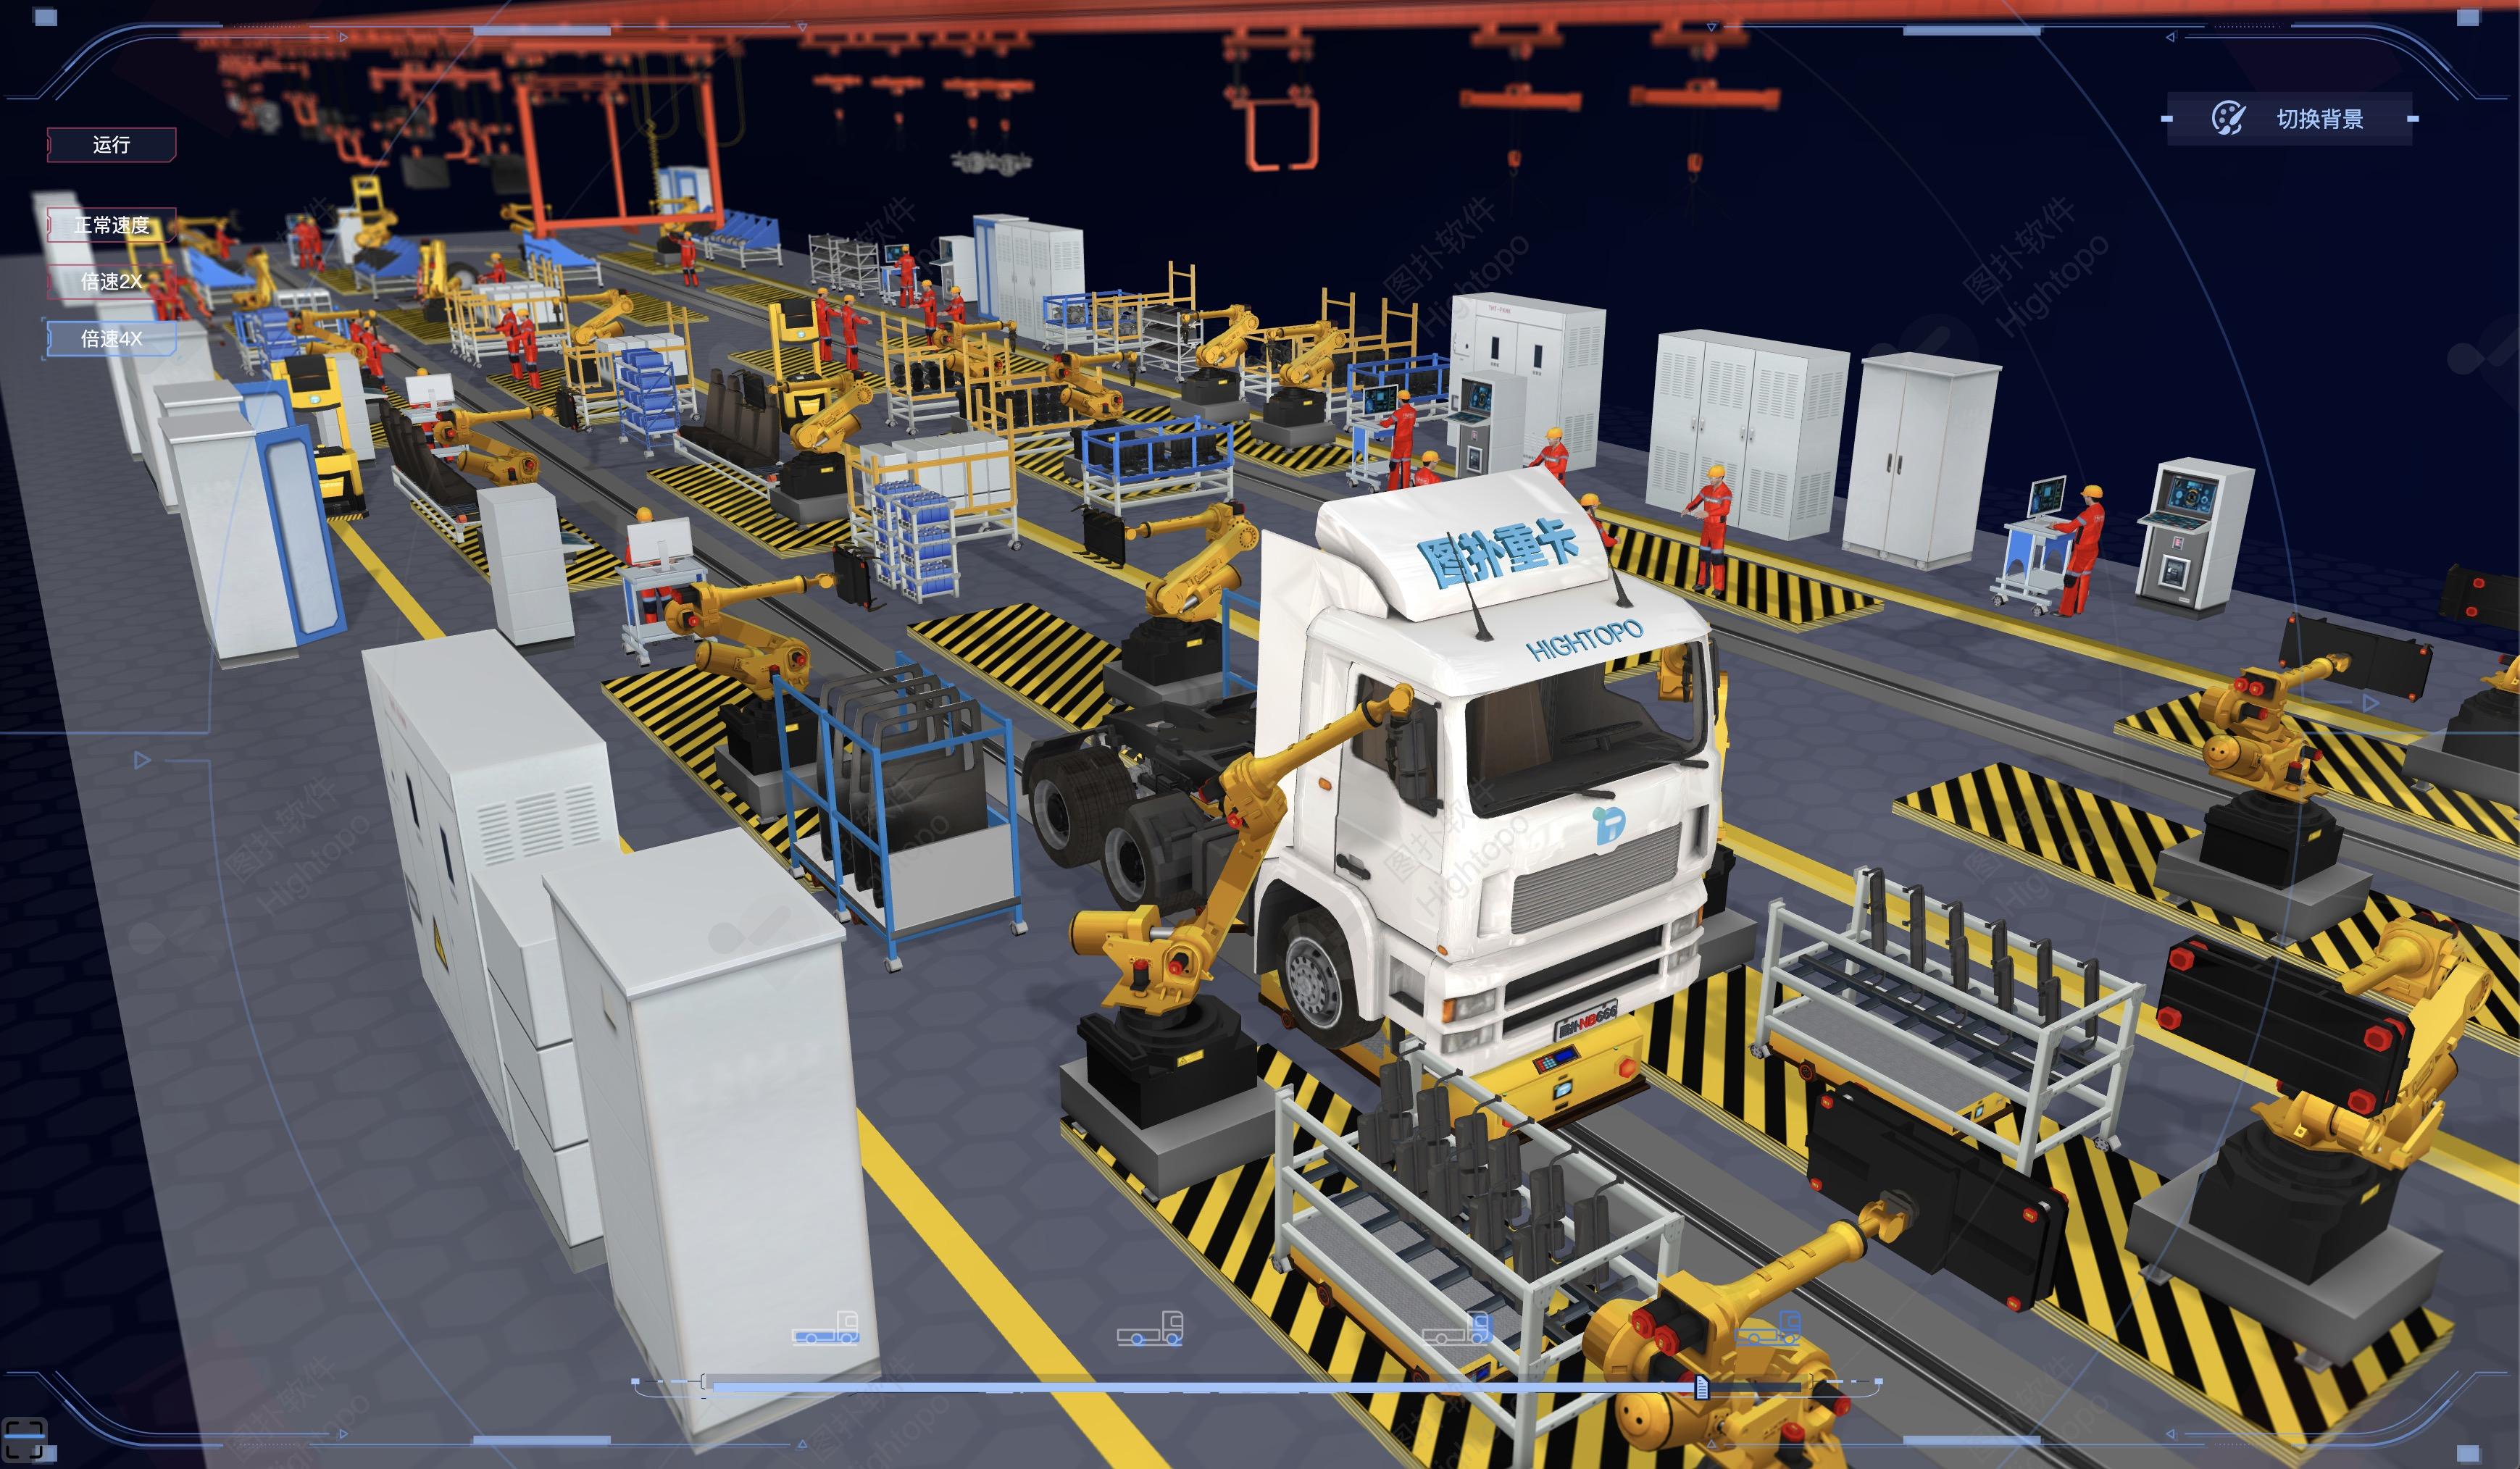 工厂装配线3D可视化看板,可大大提升工作效率